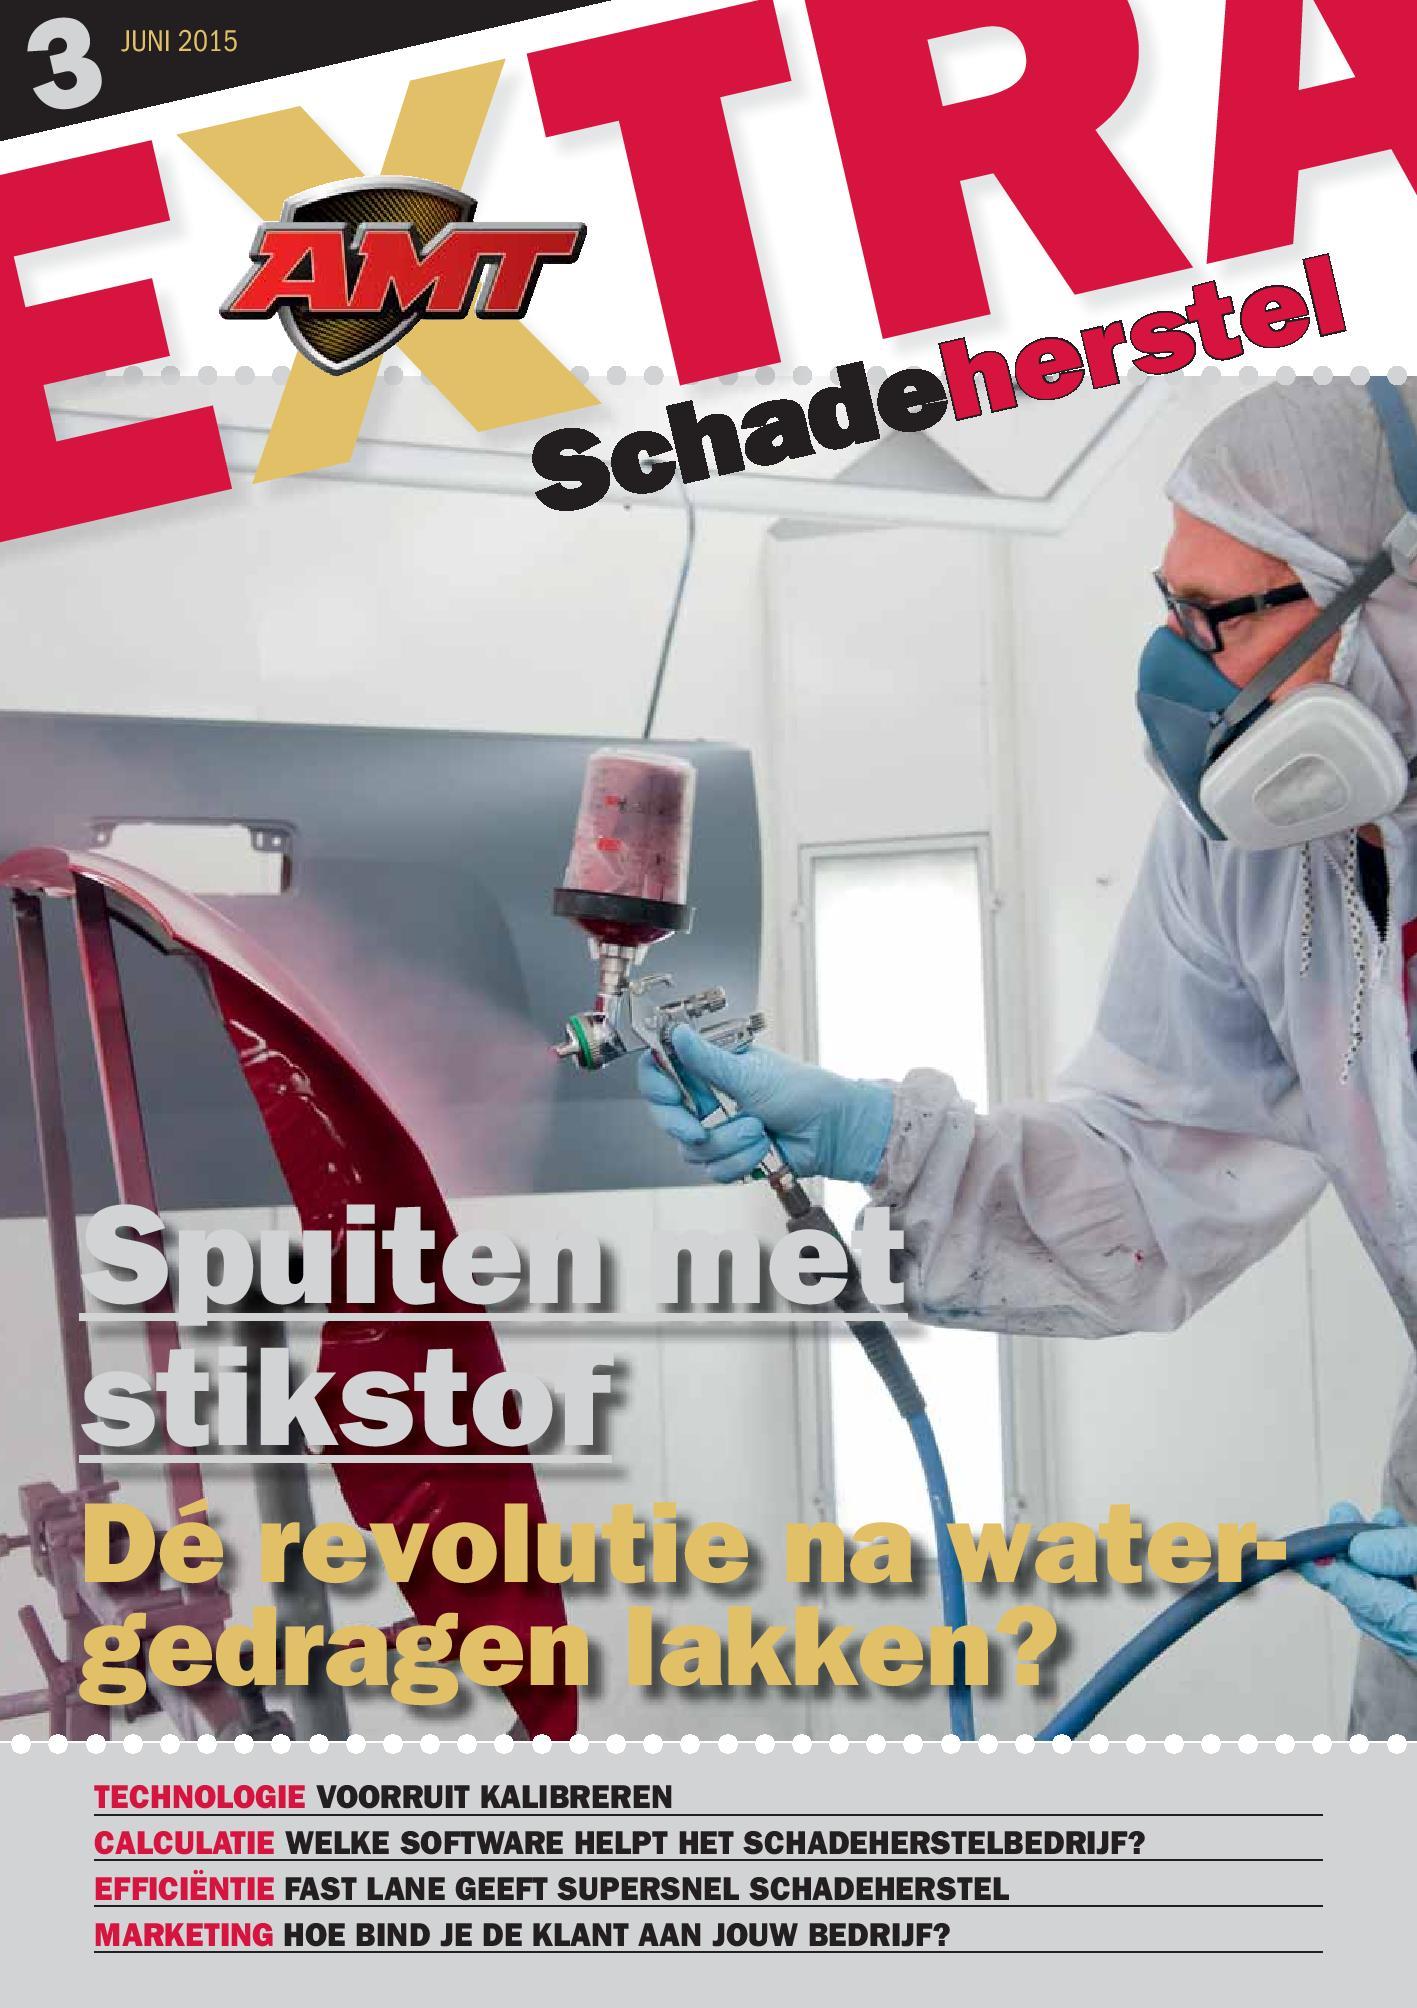 AMT Extra - Schadeherstel (2015-3)